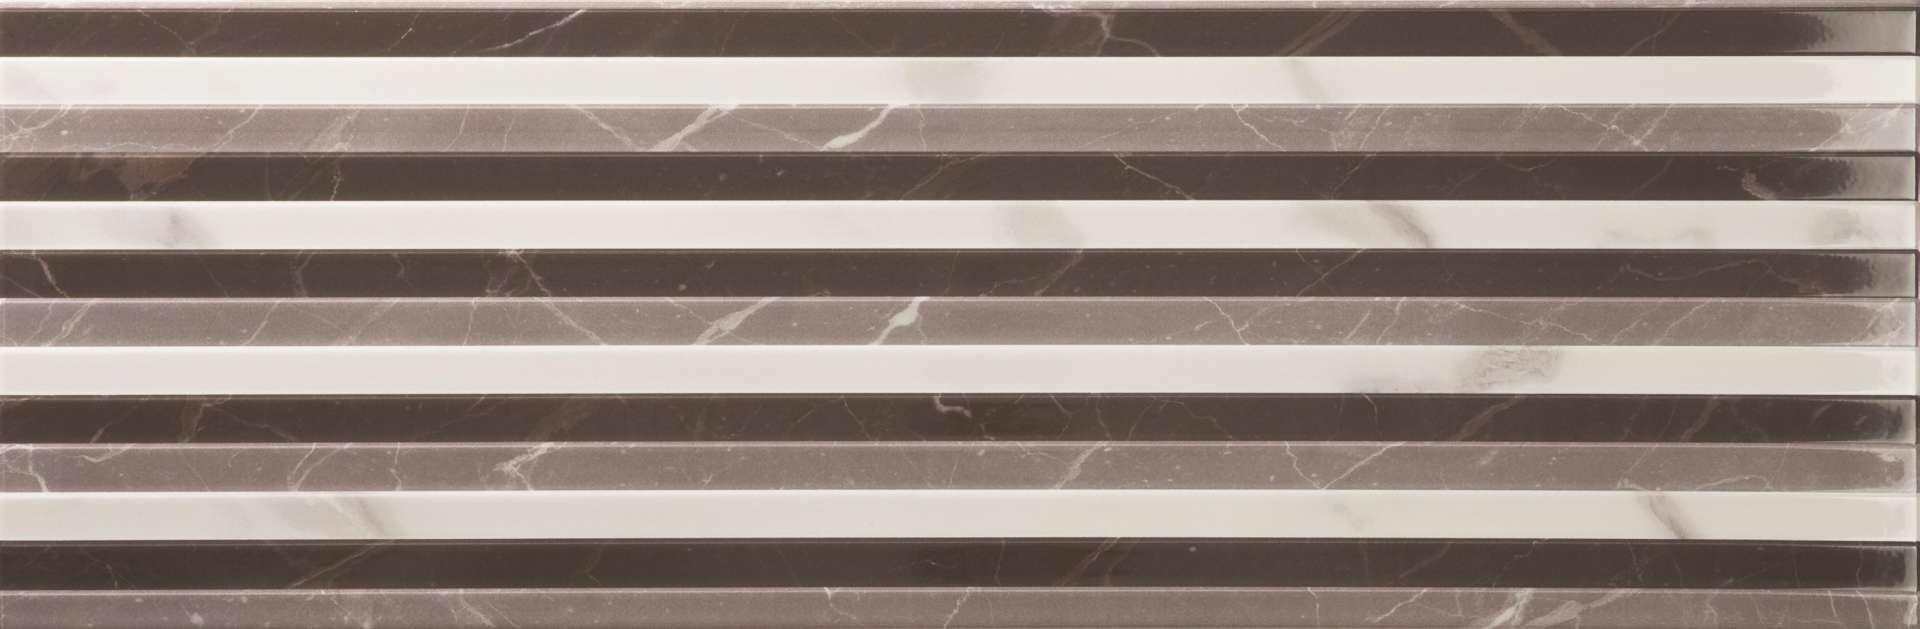 Faianță pentru baie Ecoceramic Casablanca Relief 300x900 texturată și lucioasă alb / 6